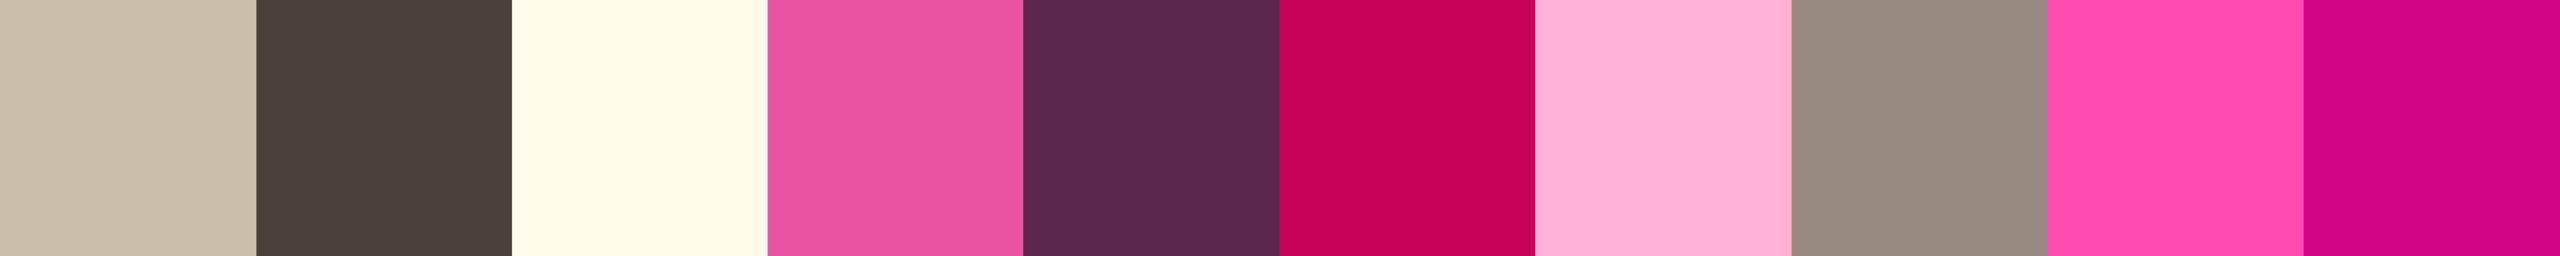 481 Azilobo Color Palette